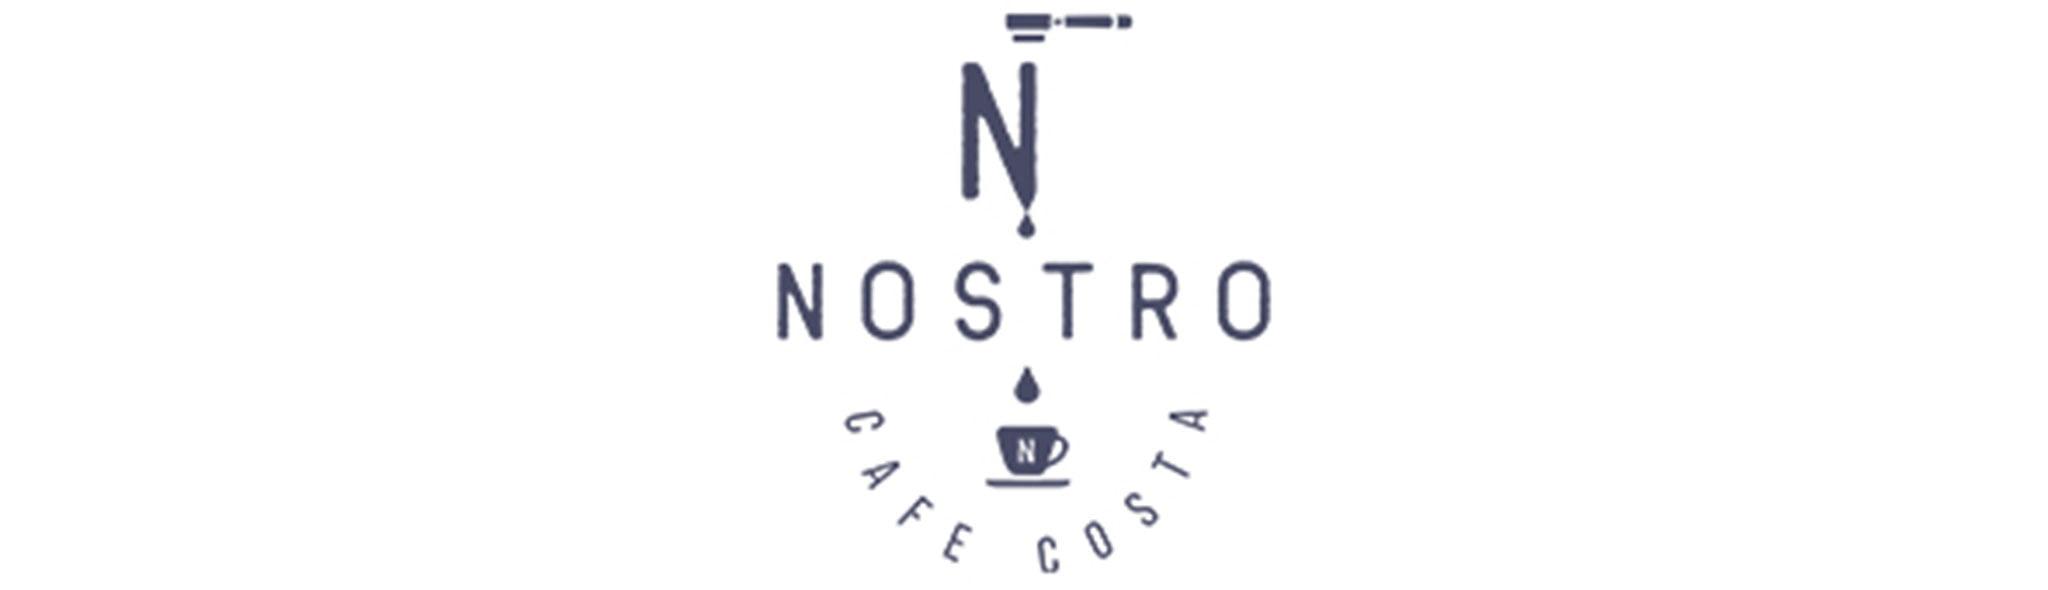 Logotipo de Nostro Café Costa